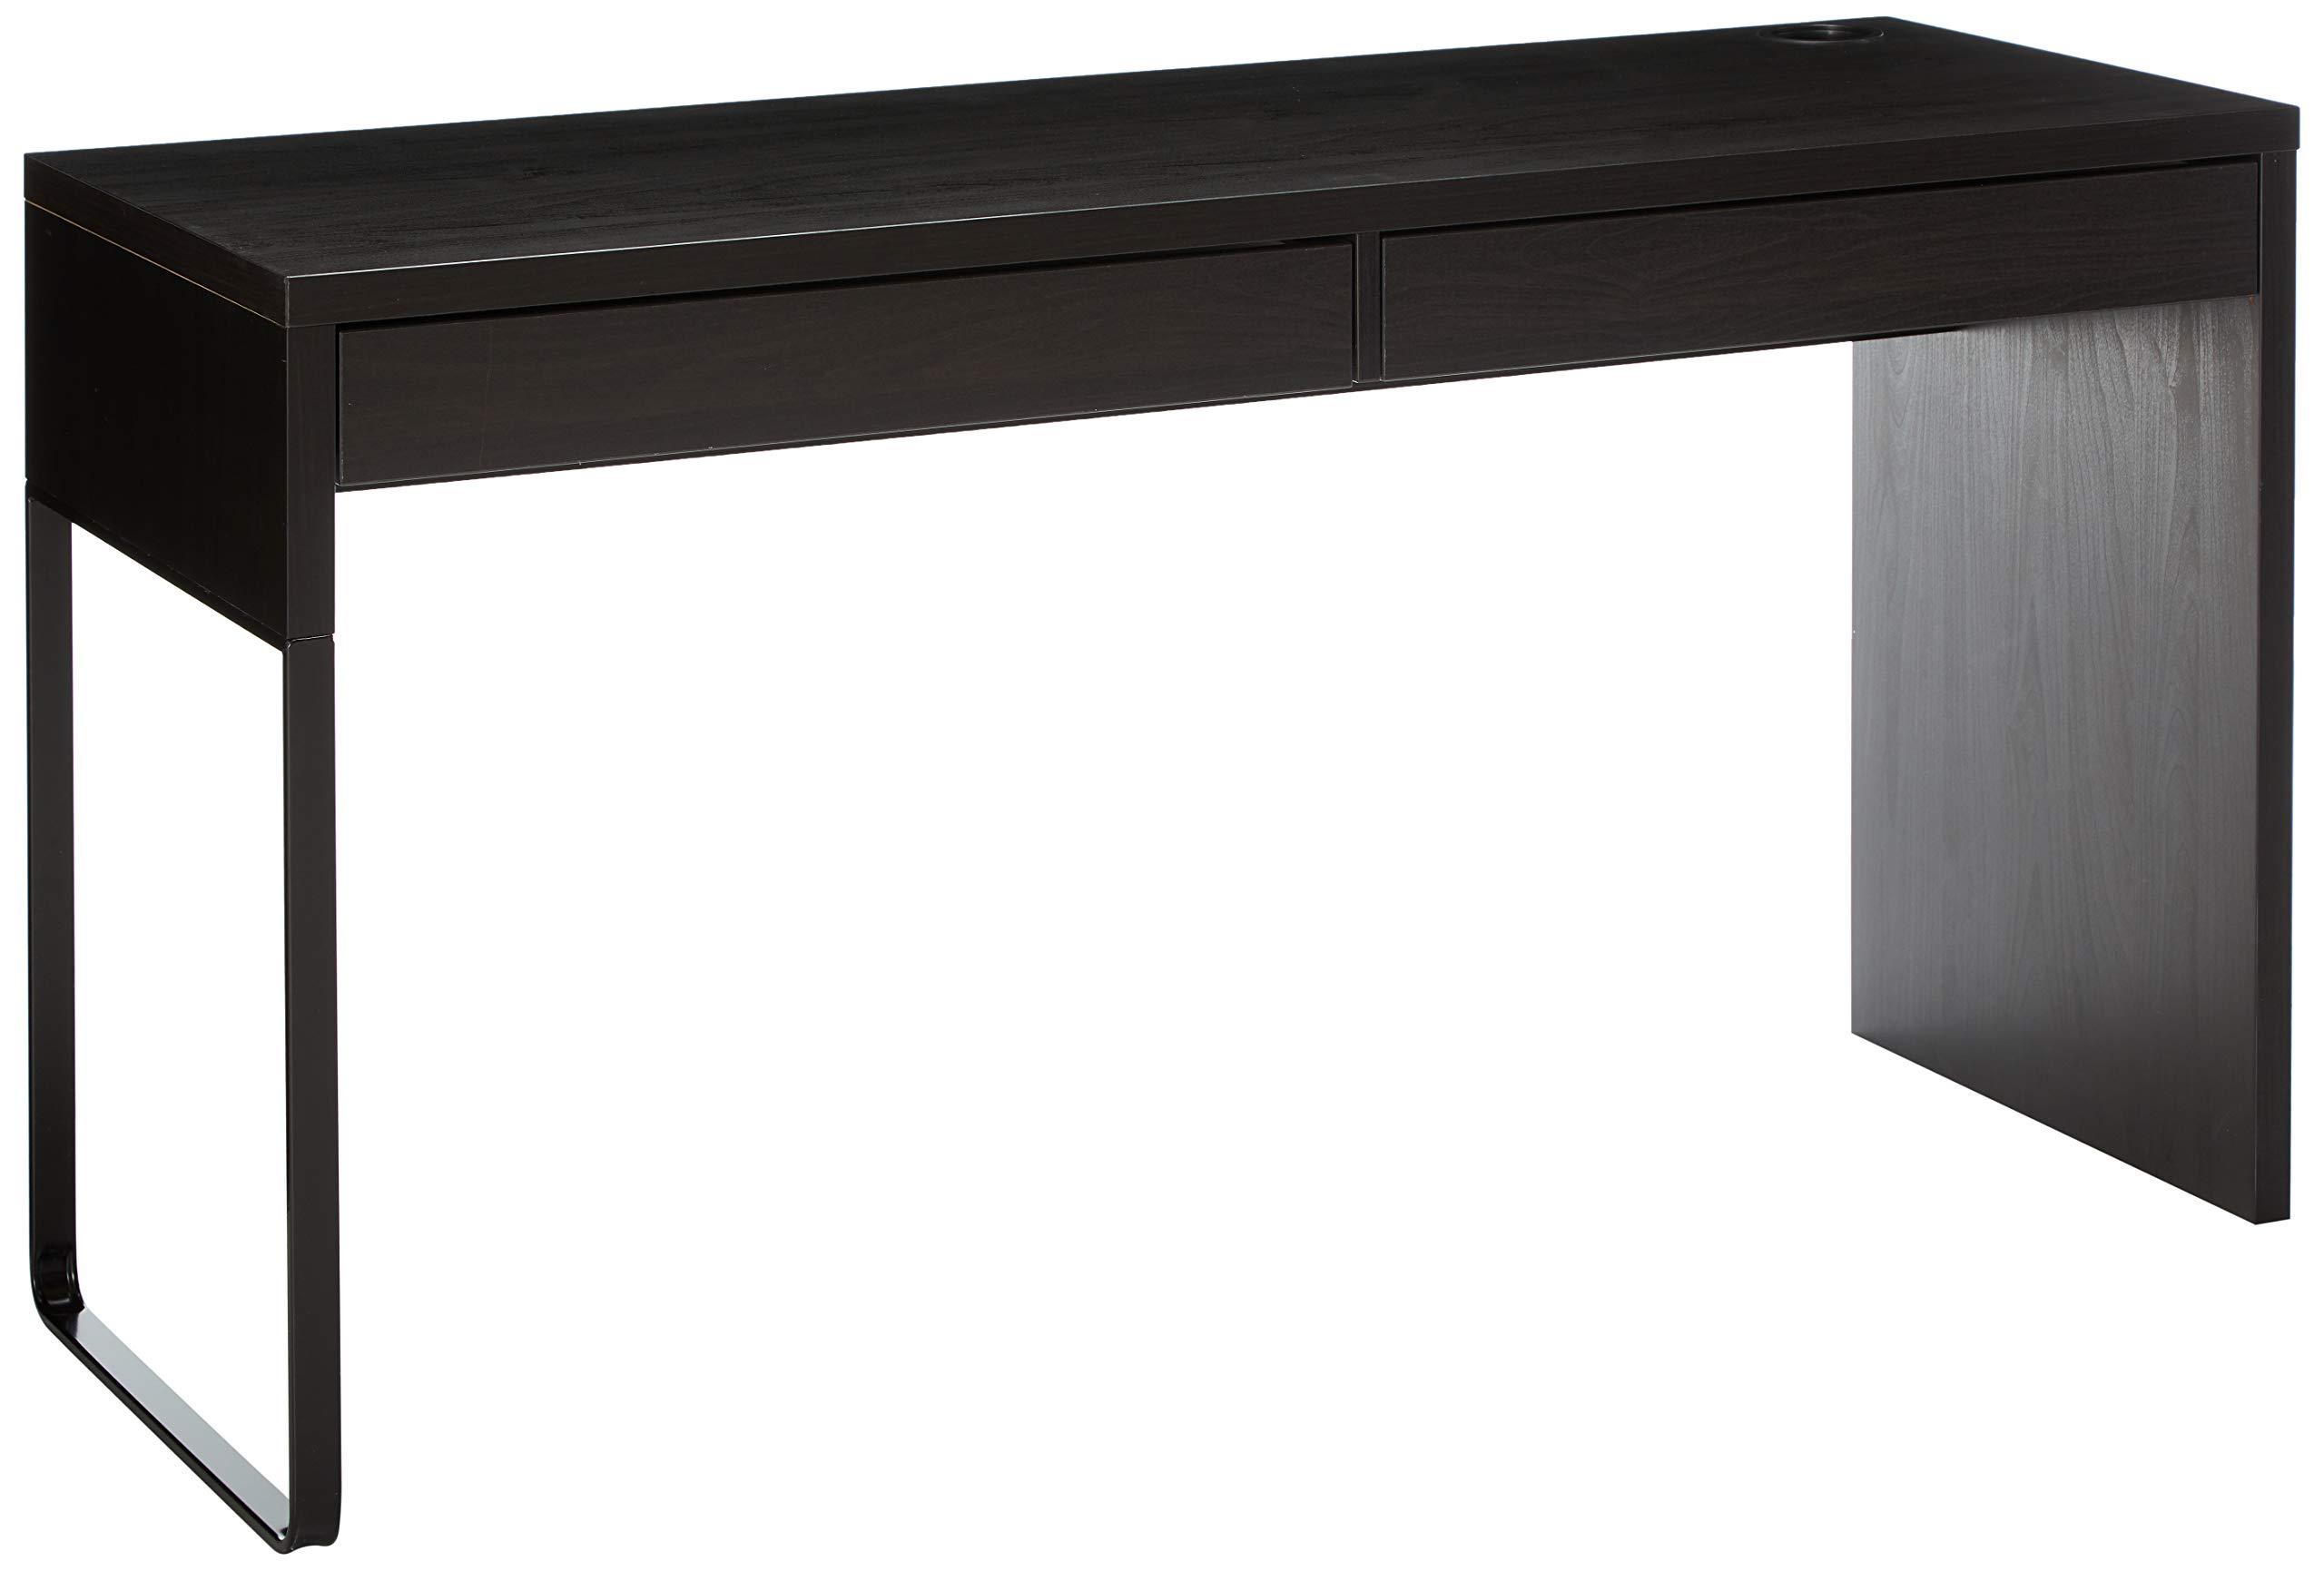 IKEA 602.447.45 MICKE Desk, Black-Brown by IKEA